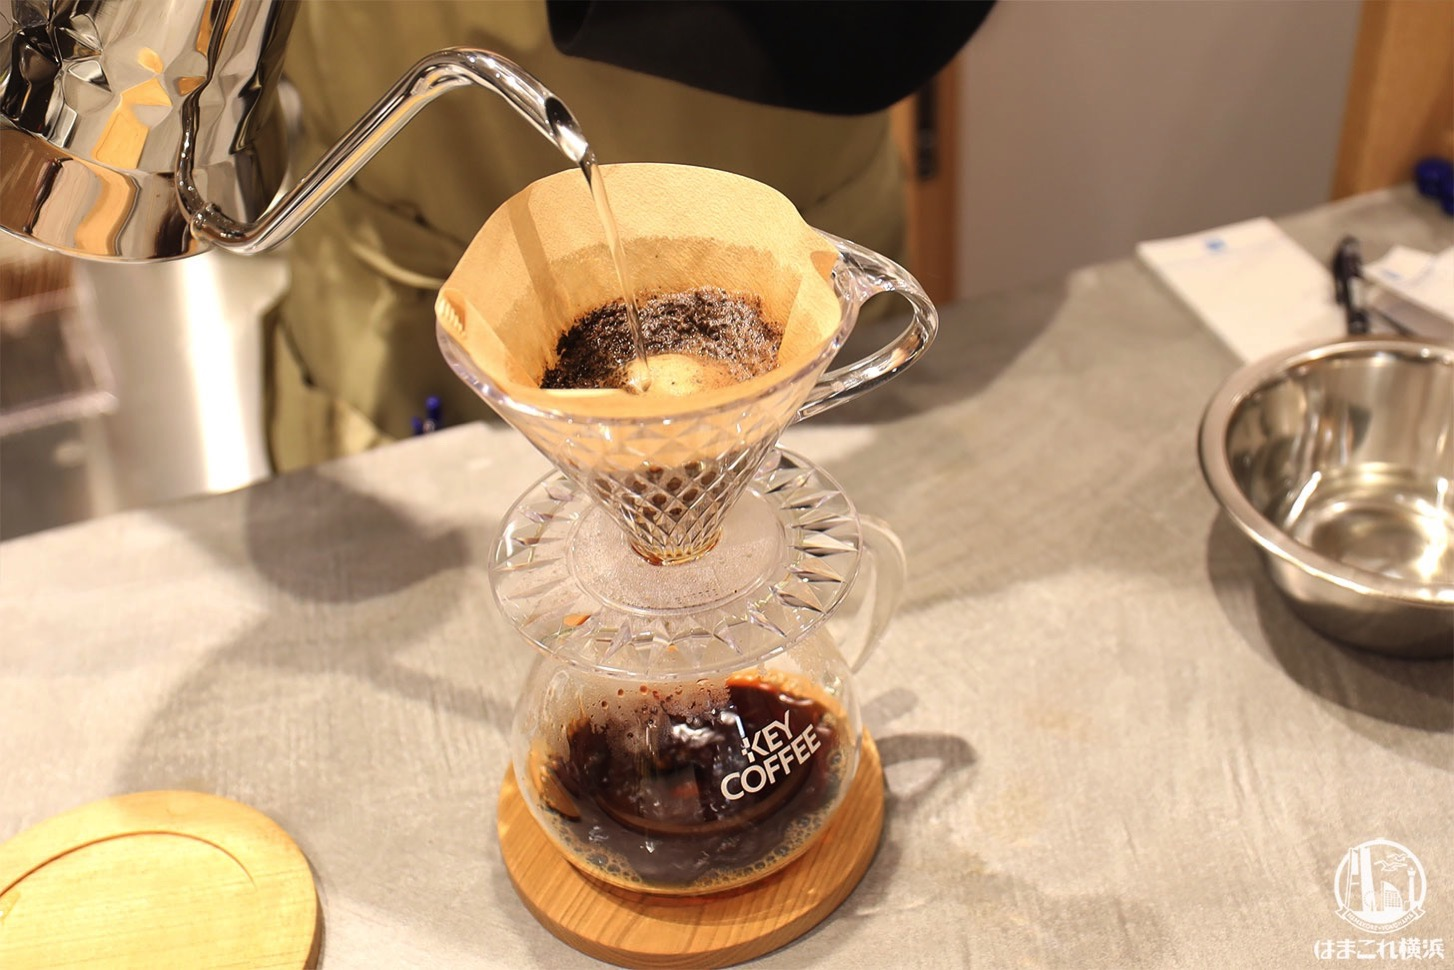 コーヒービーンズ クレ ド ヨコハマ ハンドドリップ